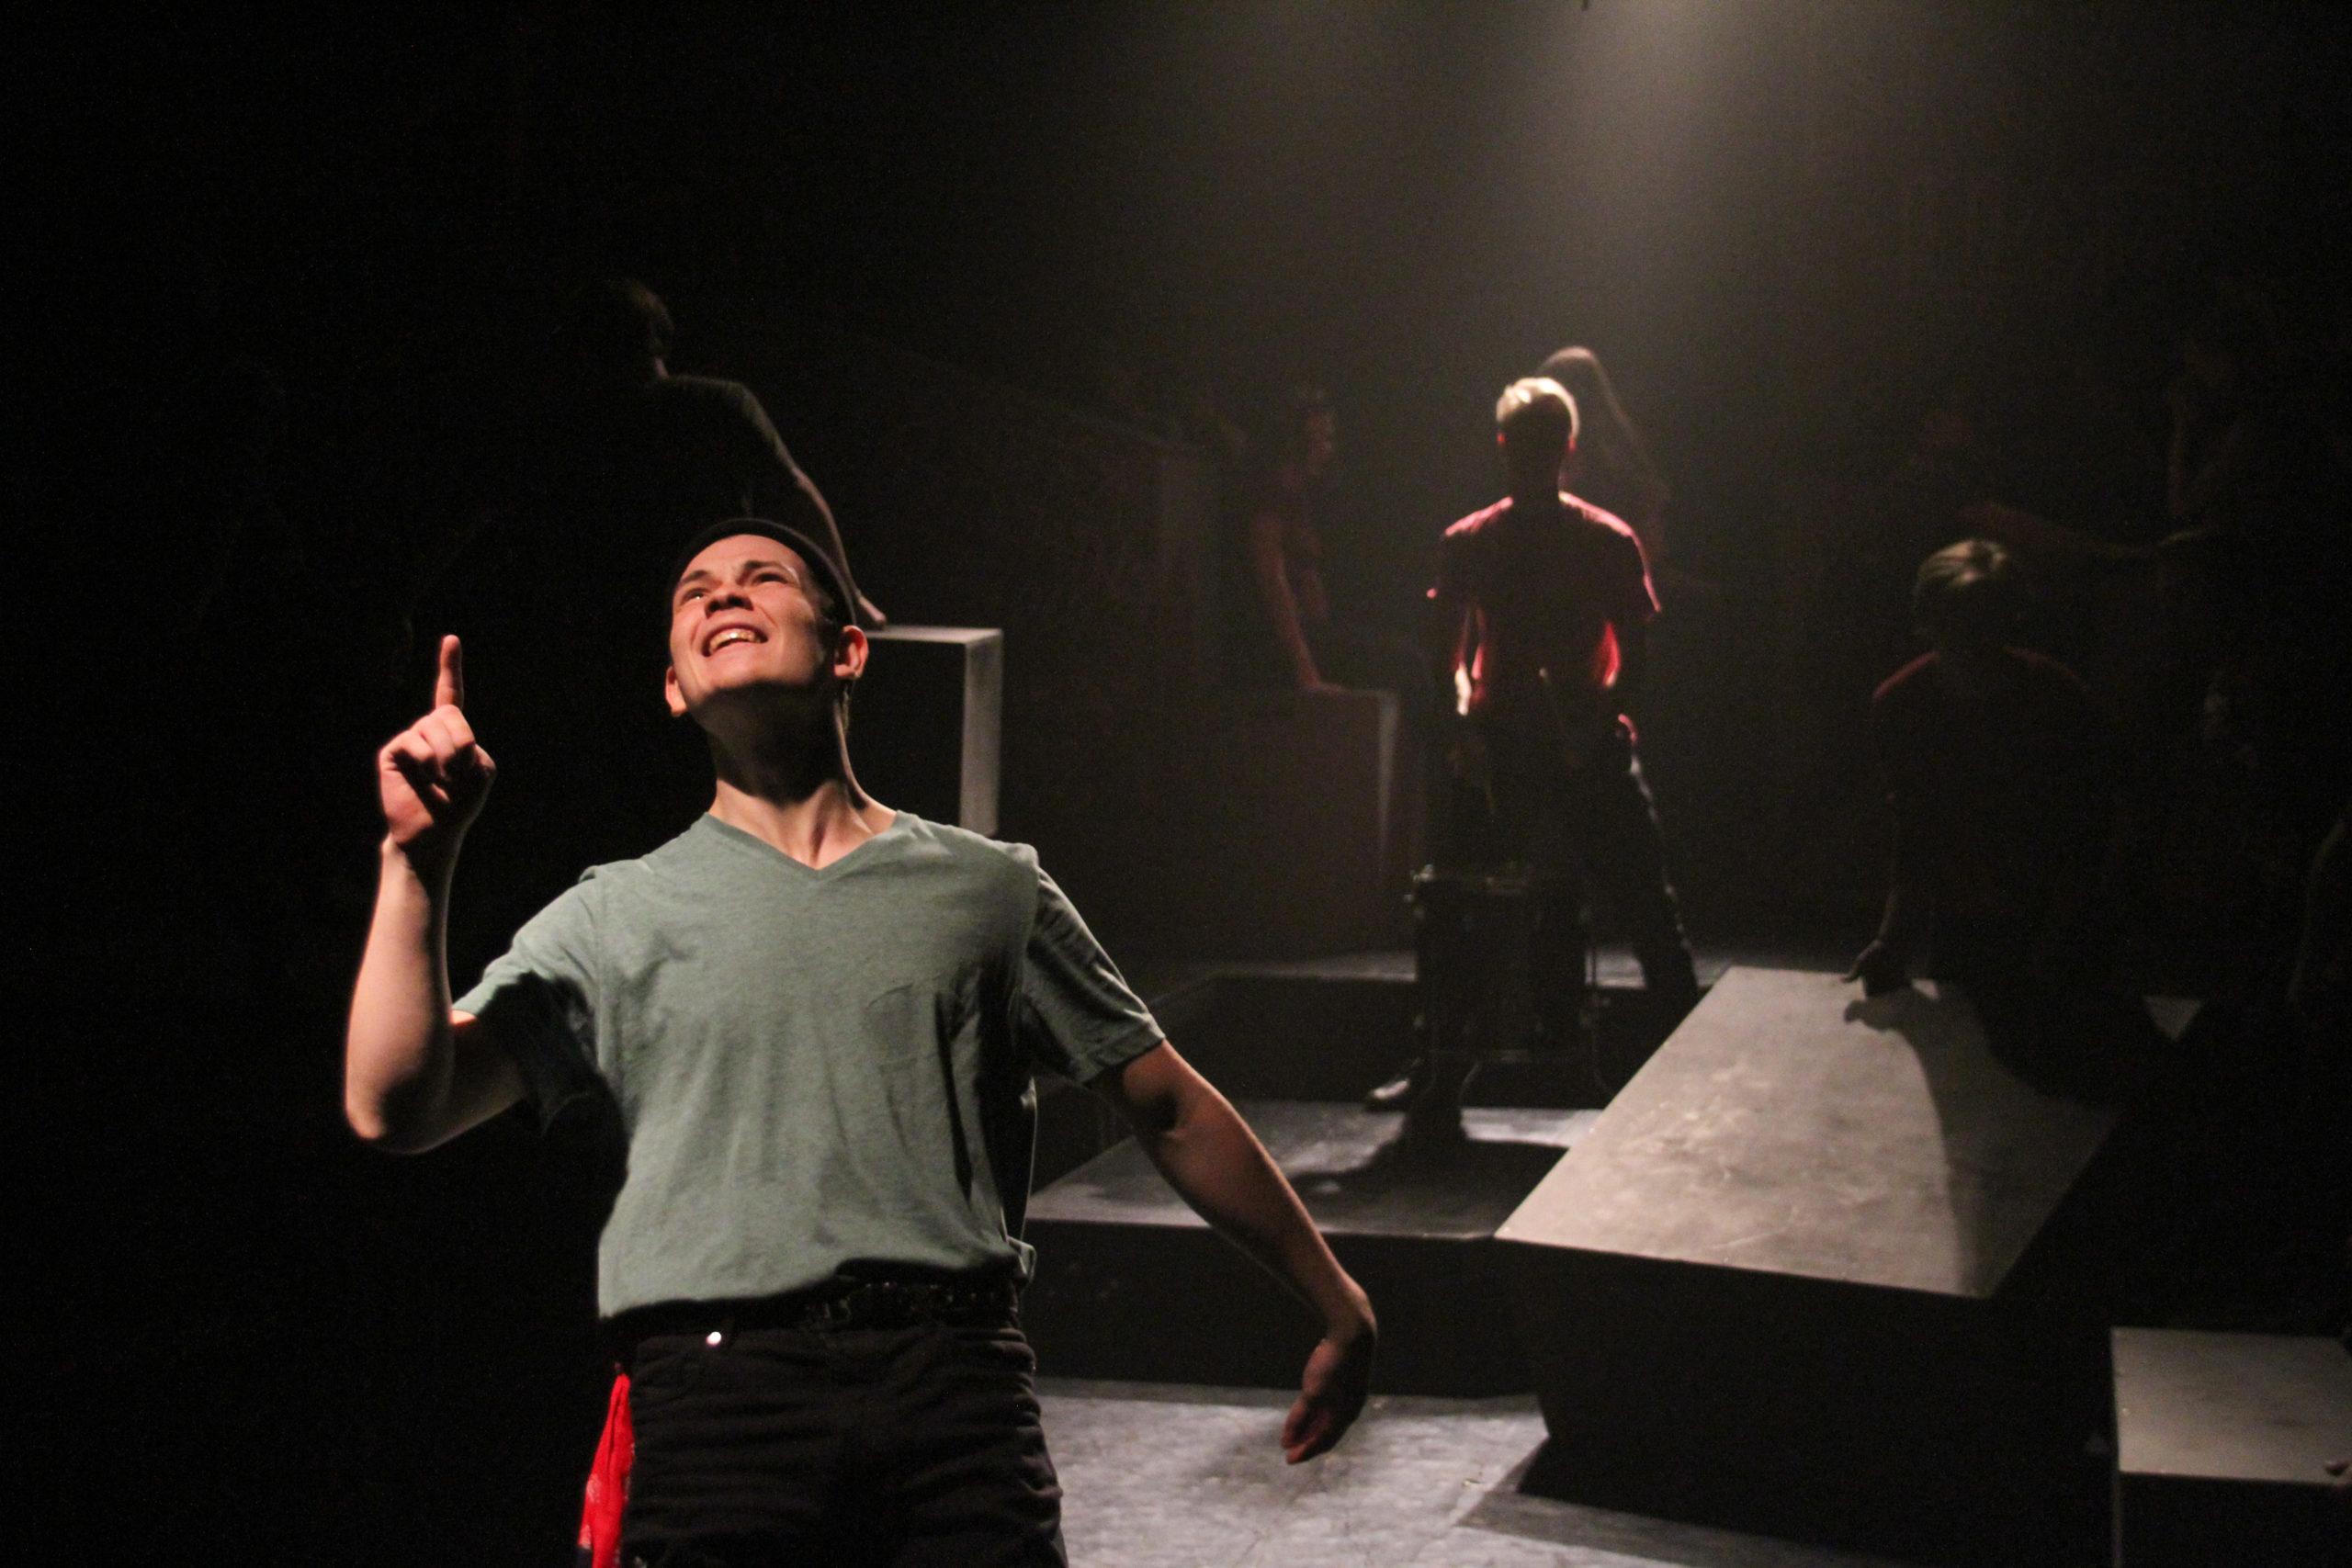 Премьера спектакля по творчеству Виктора Цоя в Учебном театре «На Моховой»_5fe6d427369e1.jpeg